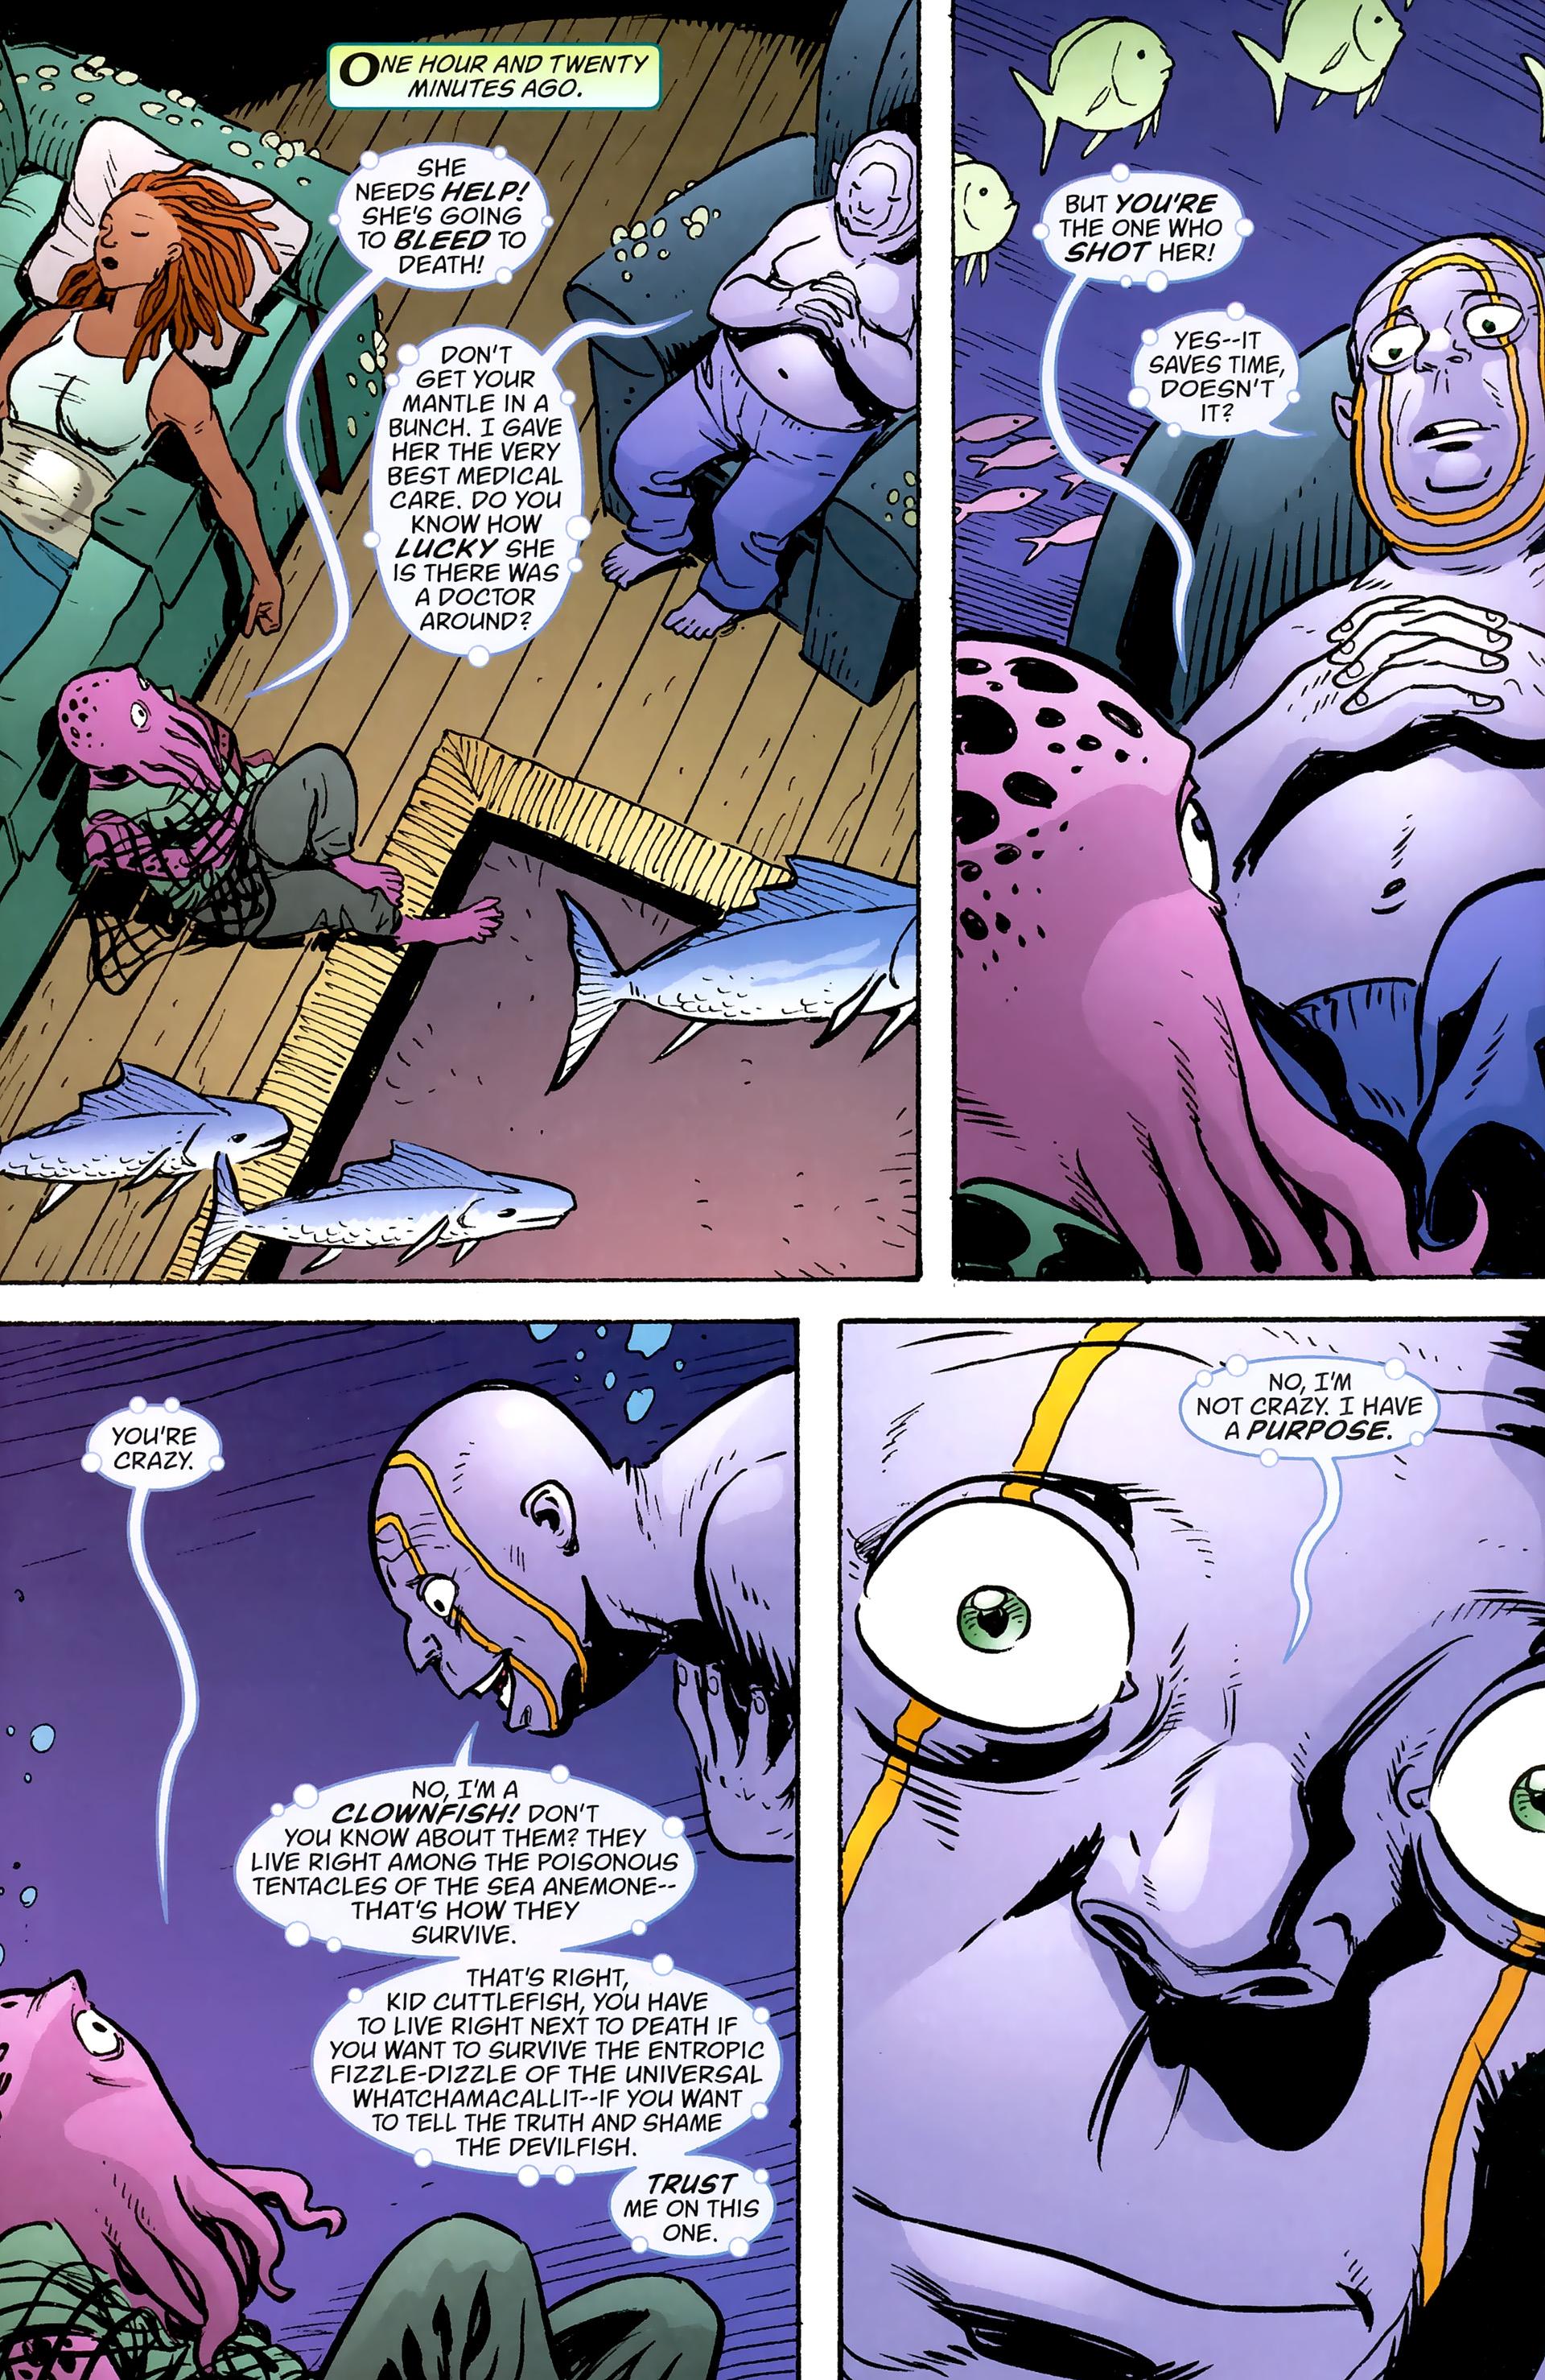 Read online Aquaman: Sword of Atlantis comic -  Issue #57 - 6